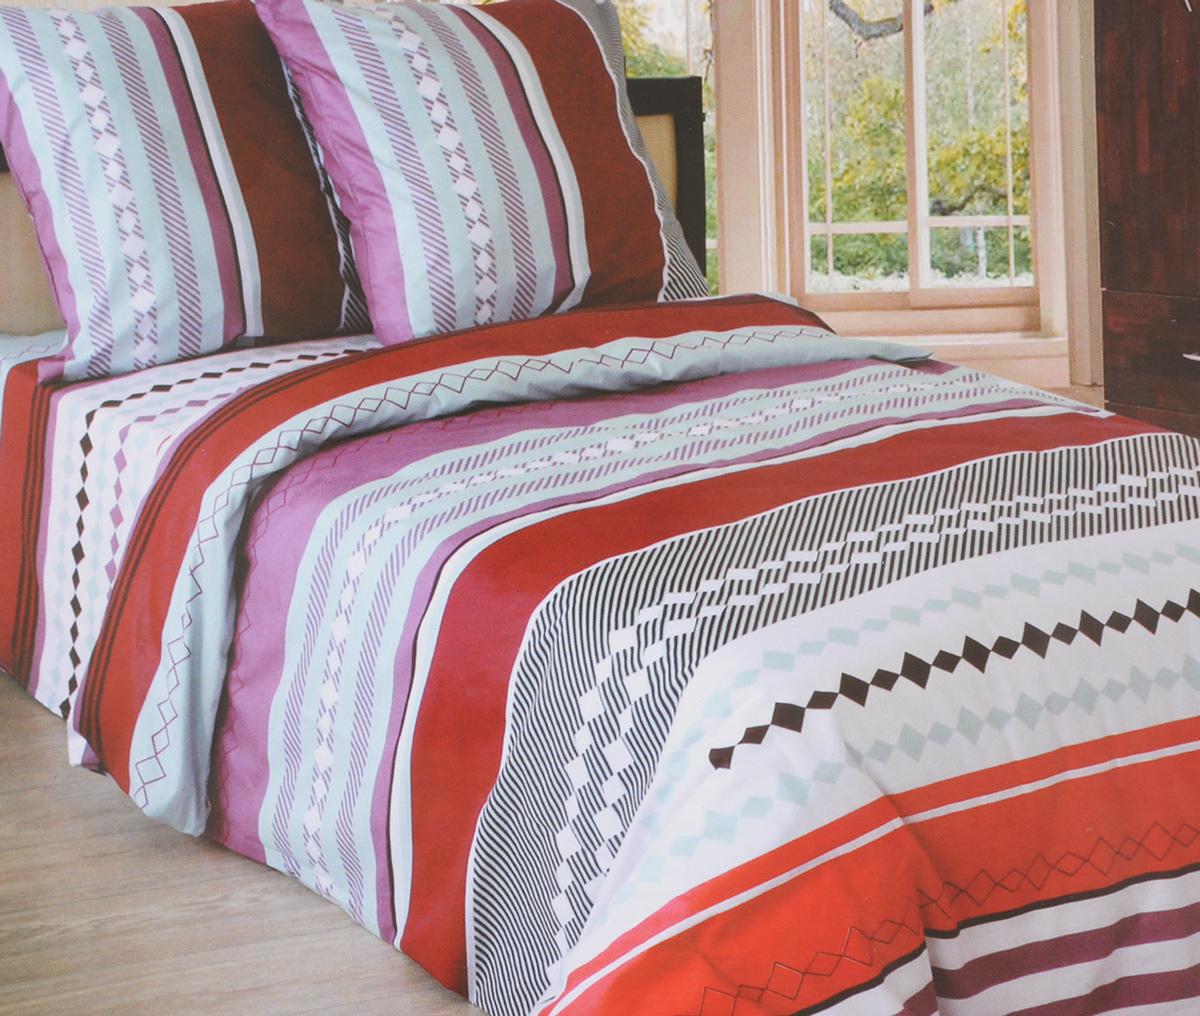 Комплект белья Катюша Каберне, 1,5-спальный, наволочки 50х70, цвет: лиловый, бордовый, белыйC-264/3944Комплект постельного белья Катюша Каберне является экологически безопасным для всей семьи, так как выполнен из бязи (100% хлопок). Комплект состоит из пододеяльника, простыни и двух наволочек. Постельное белье оформлено оригинальным рисунком и имеет изысканный внешний вид. Бязь - это ткань полотняного переплетения, изготовленная из экологически чистого и натурального 100% хлопка. Она прочная, мягкая, обладает низкой сминаемостью, легко стирается и хорошо гладится. Бязь прекрасно пропускает воздух и за ней легко ухаживать. При соблюдении рекомендуемых условий стирки, сушки и глажения ткань имеет усадку по ГОСТу, сохранятся яркость текстильных рисунков. Приобретая комплект постельного белья Катюша Каберне, вы можете быть уверенны в том, что покупка доставит вам и вашим близким удовольствие и подарит максимальный комфорт.